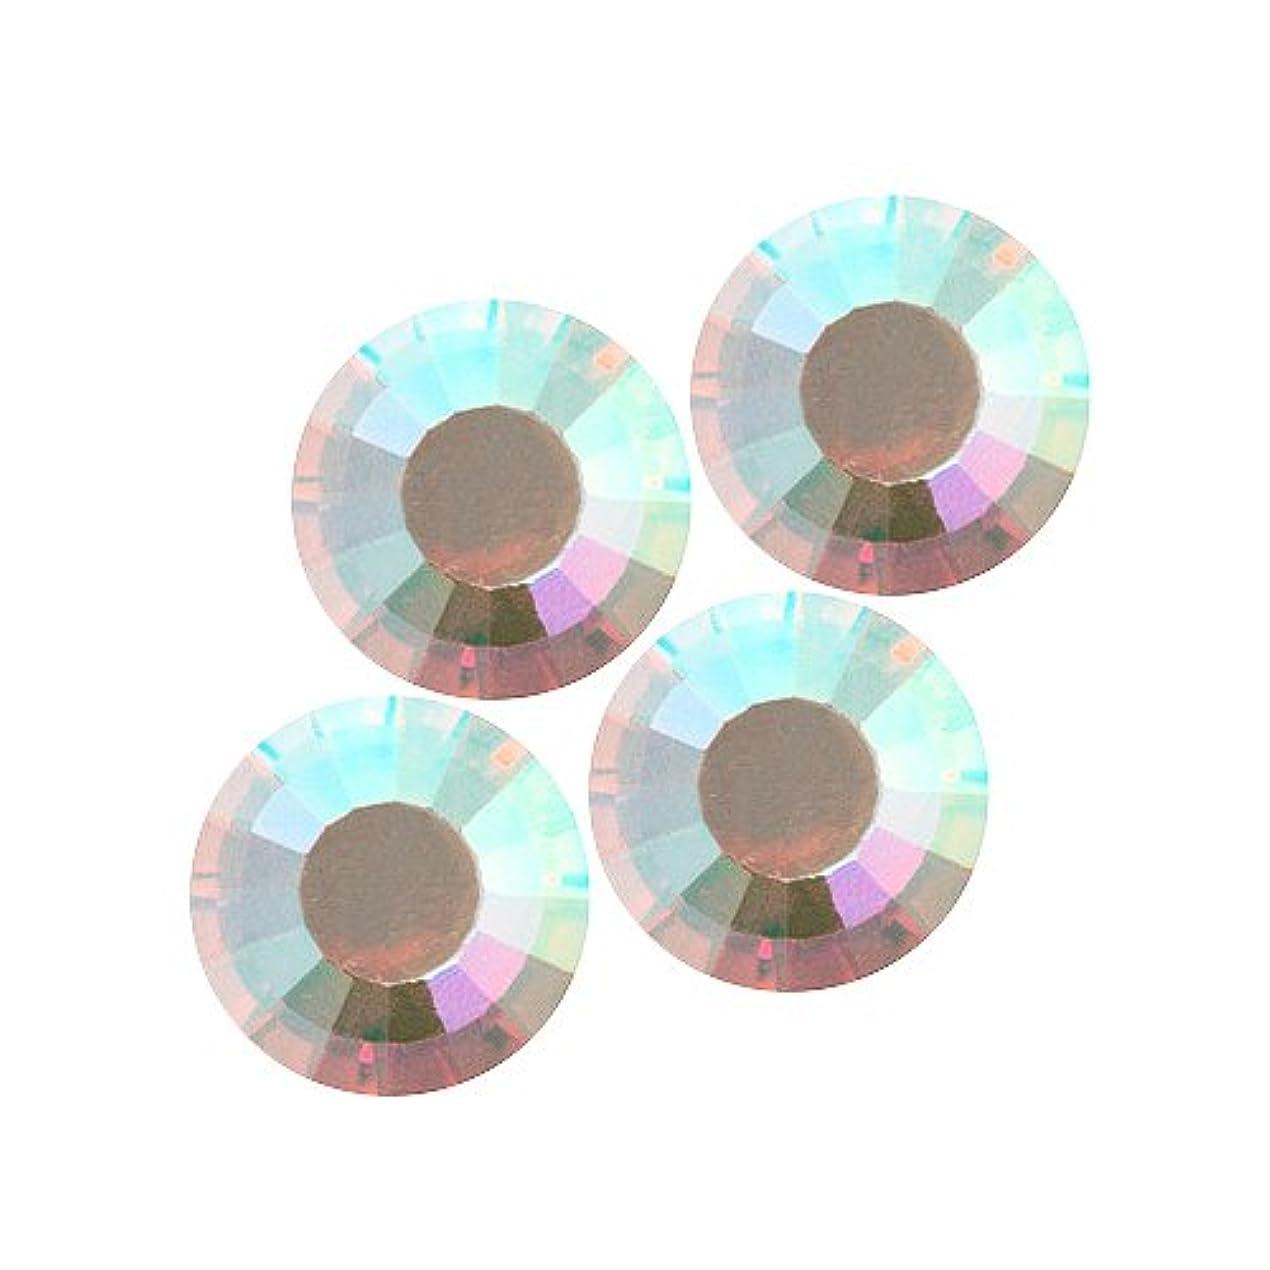 従事するファセット普通にバイナル DIAMOND RHINESTONE オーロラSS8 720粒 ST-SS8-AUR-5G